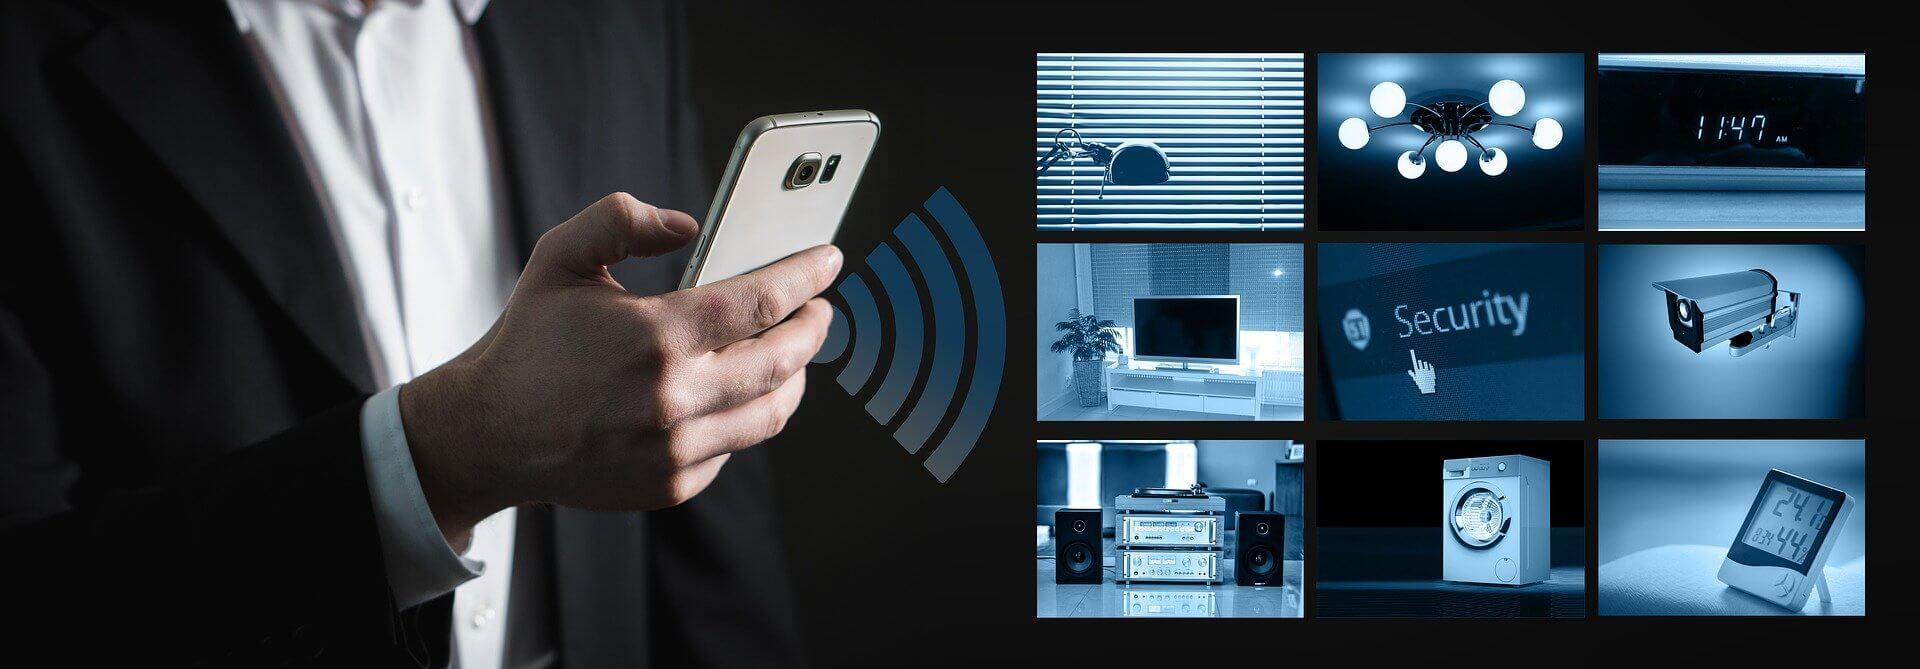 så här skyddar du ditt smarta IoT-hem från hackare